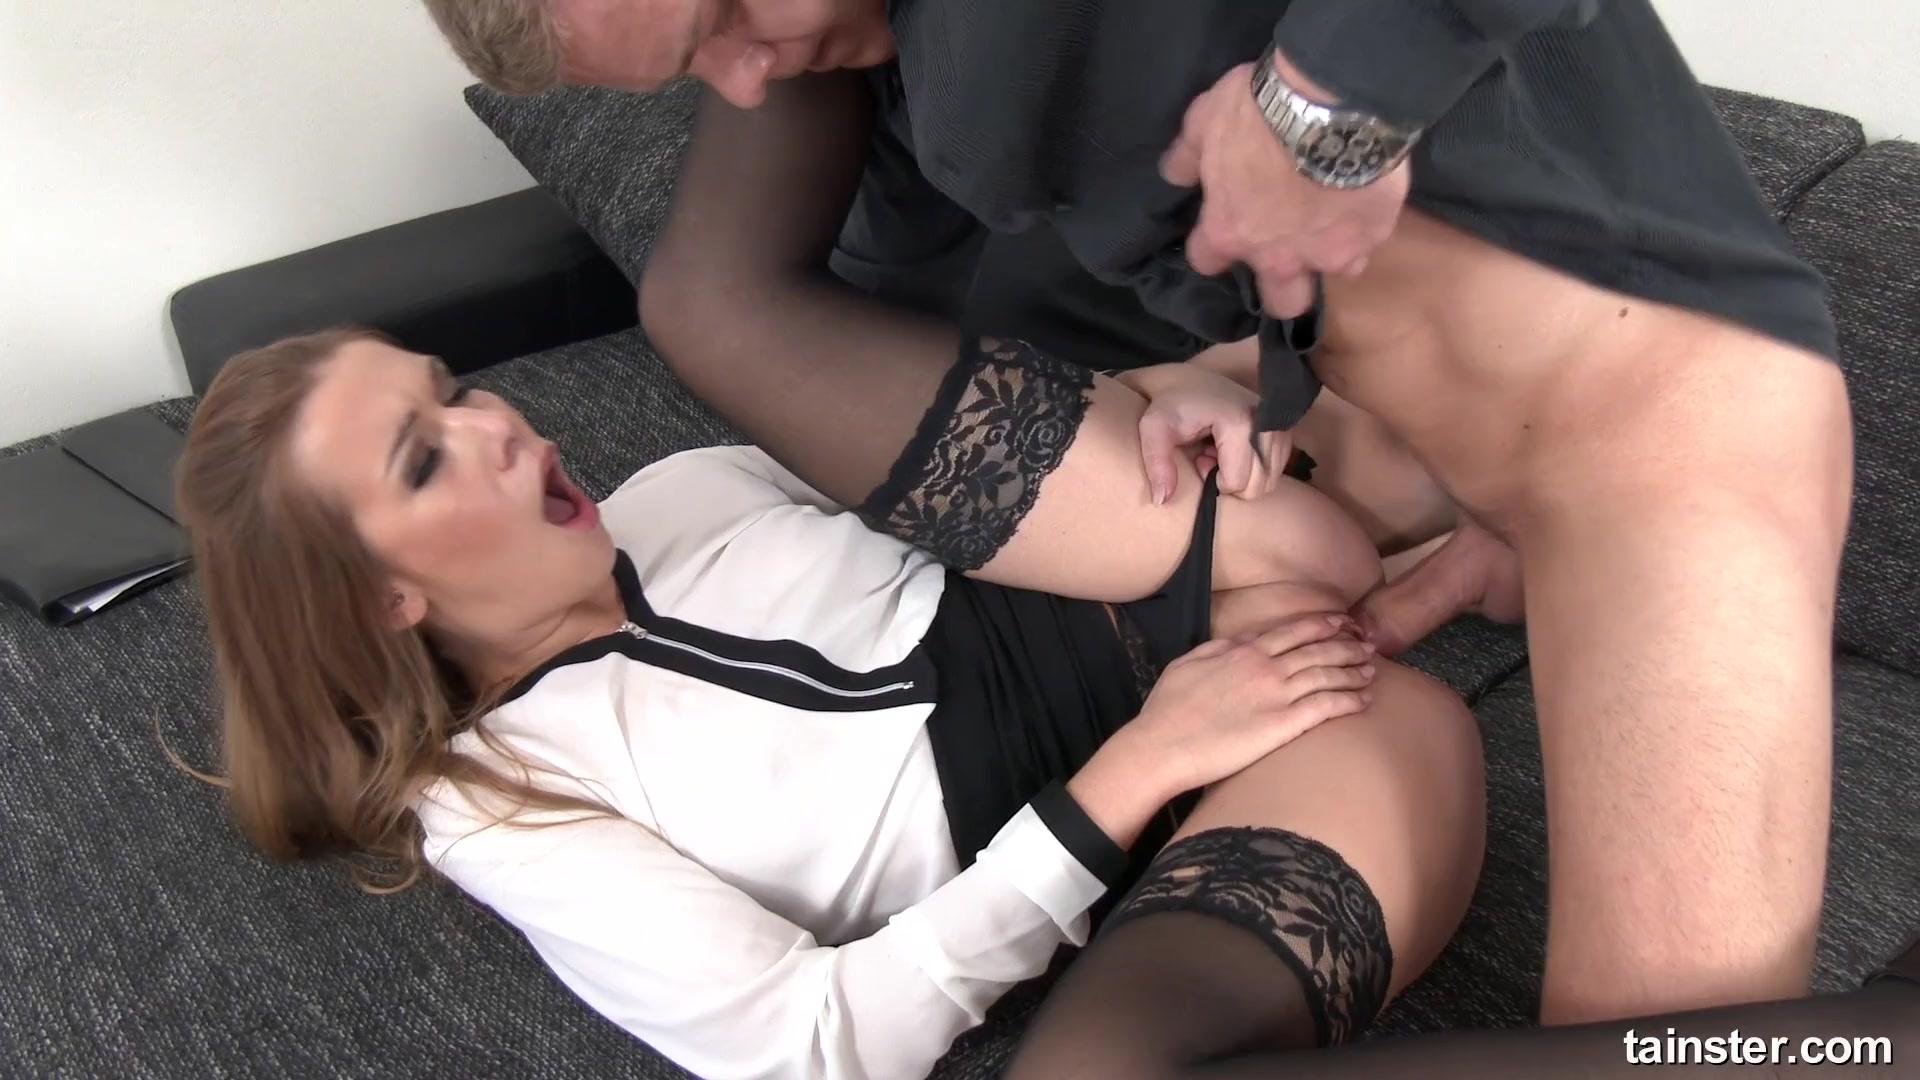 Любит похотливая девушка жесткий трах с неугомонным мужчиной